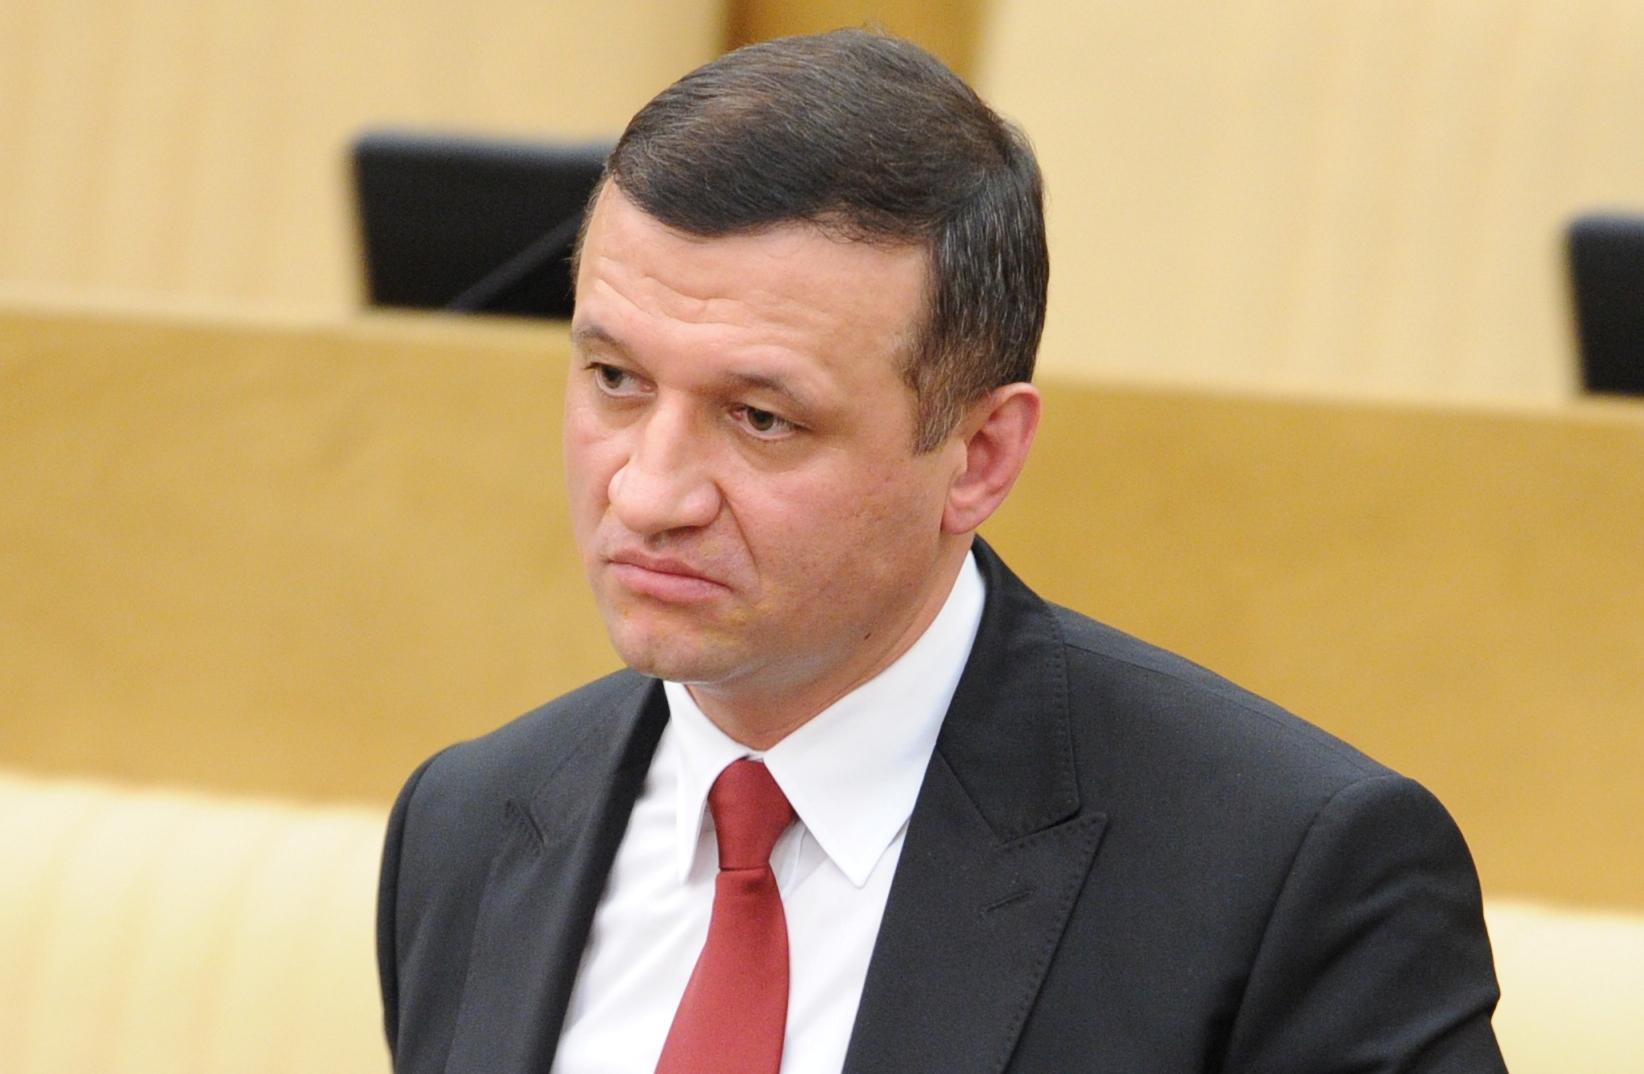 Дмитрий Савельев: все сайты, предлагающие услуги по взлому, должны незамедлительно блокироваться